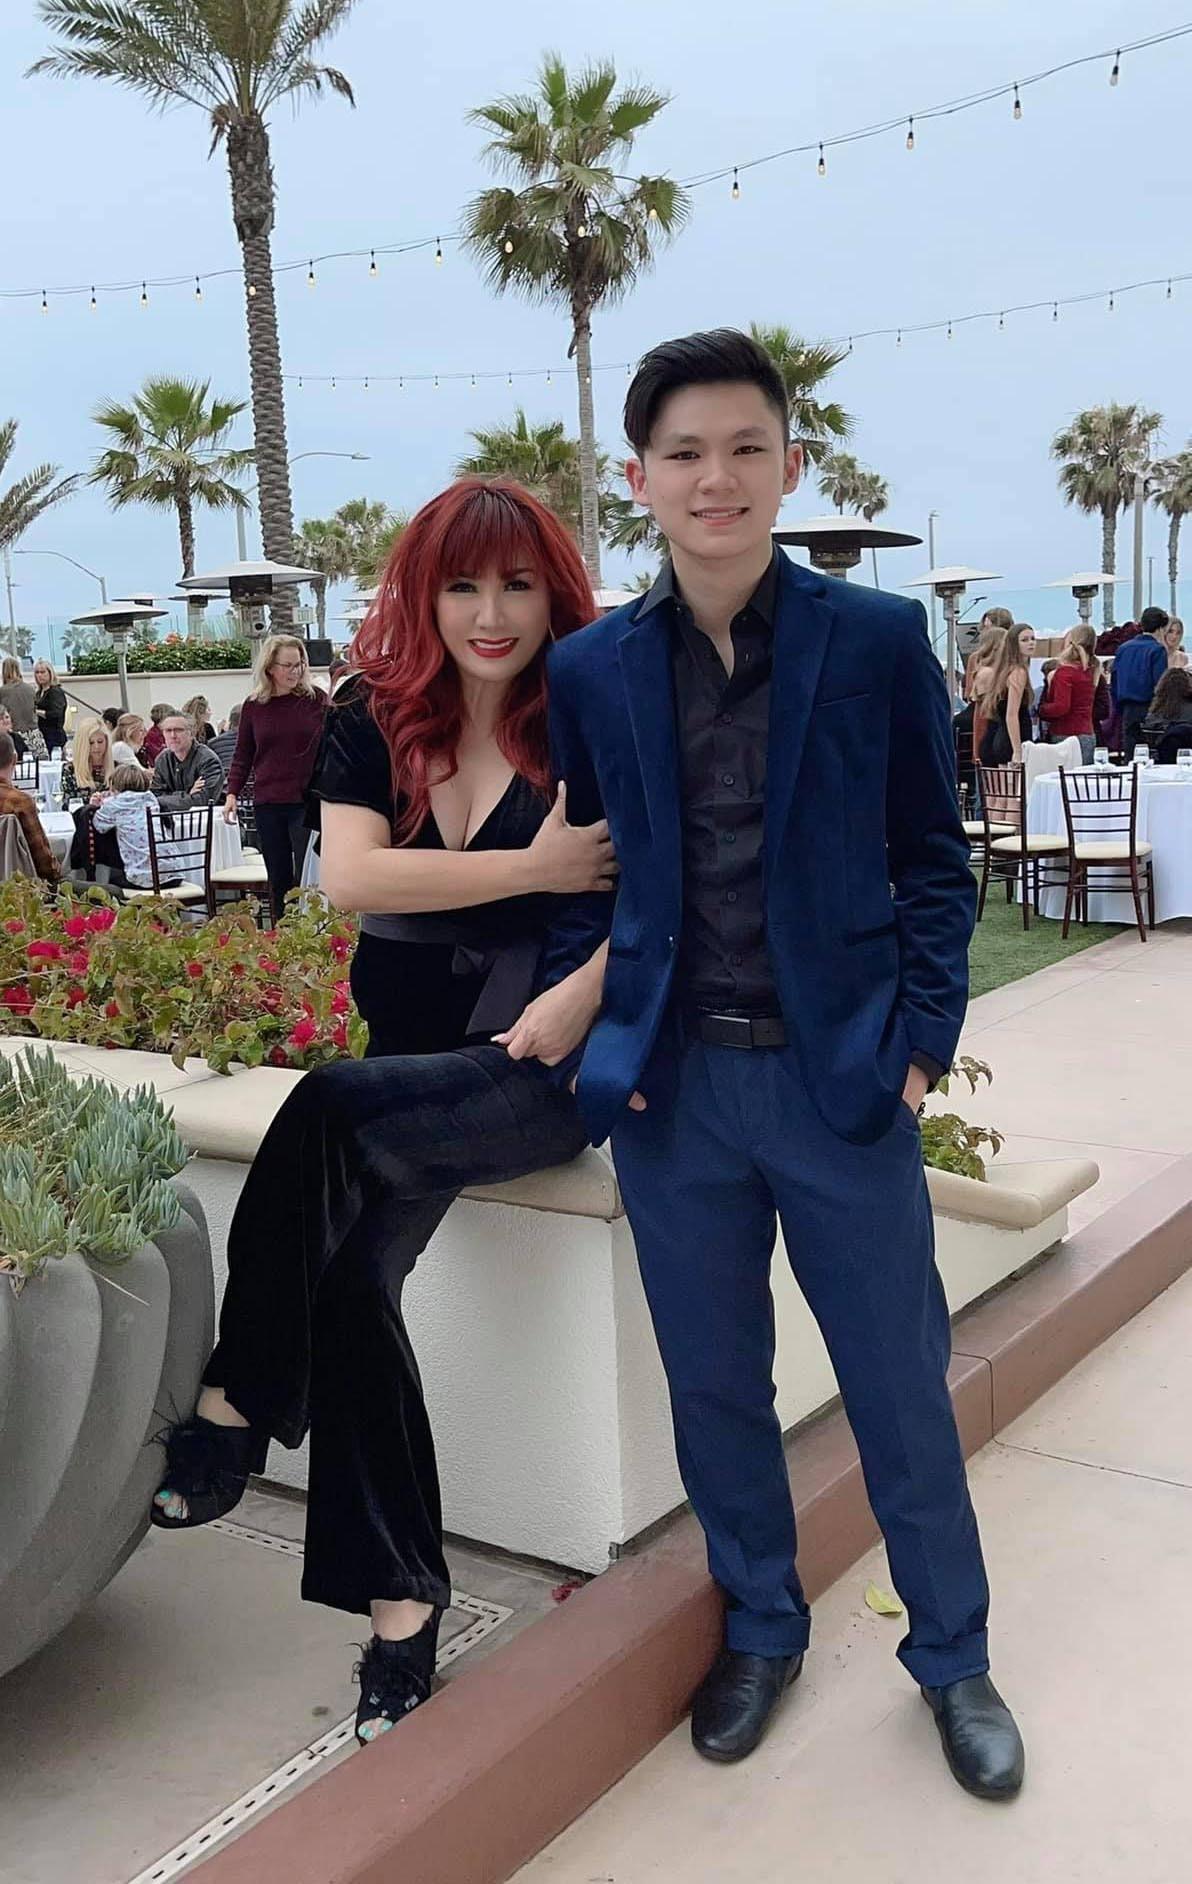 Con trai 18 tuổi điển trai, học giỏi của Bằng Kiều và Trizzie Phương Trinh